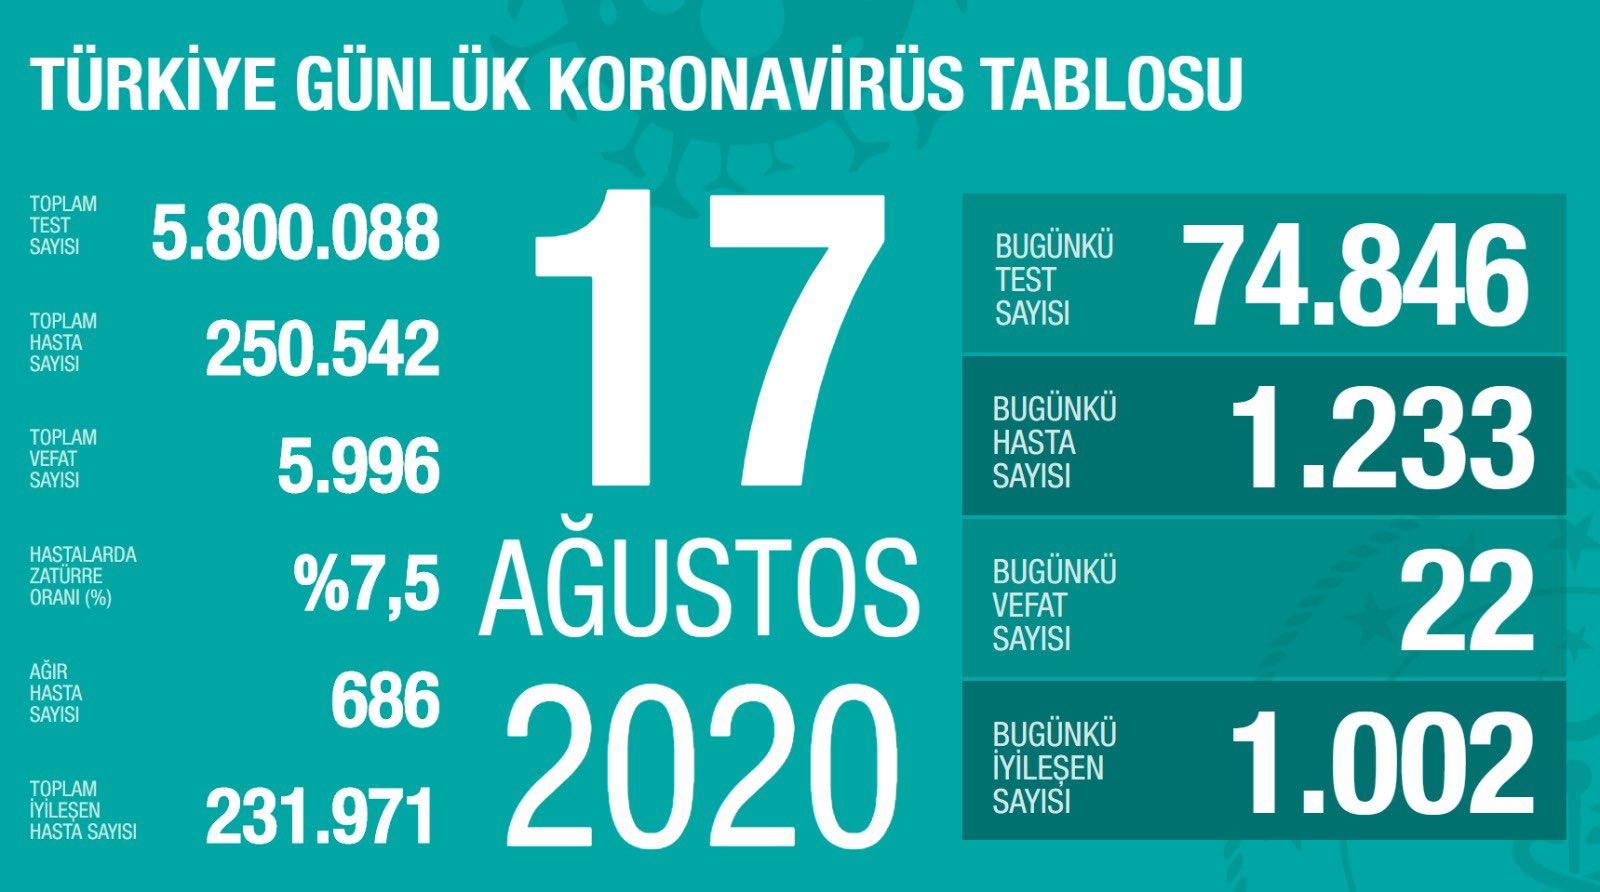 17 Ağustos Türkiye Koronavirüs Tablosu Açıkladı